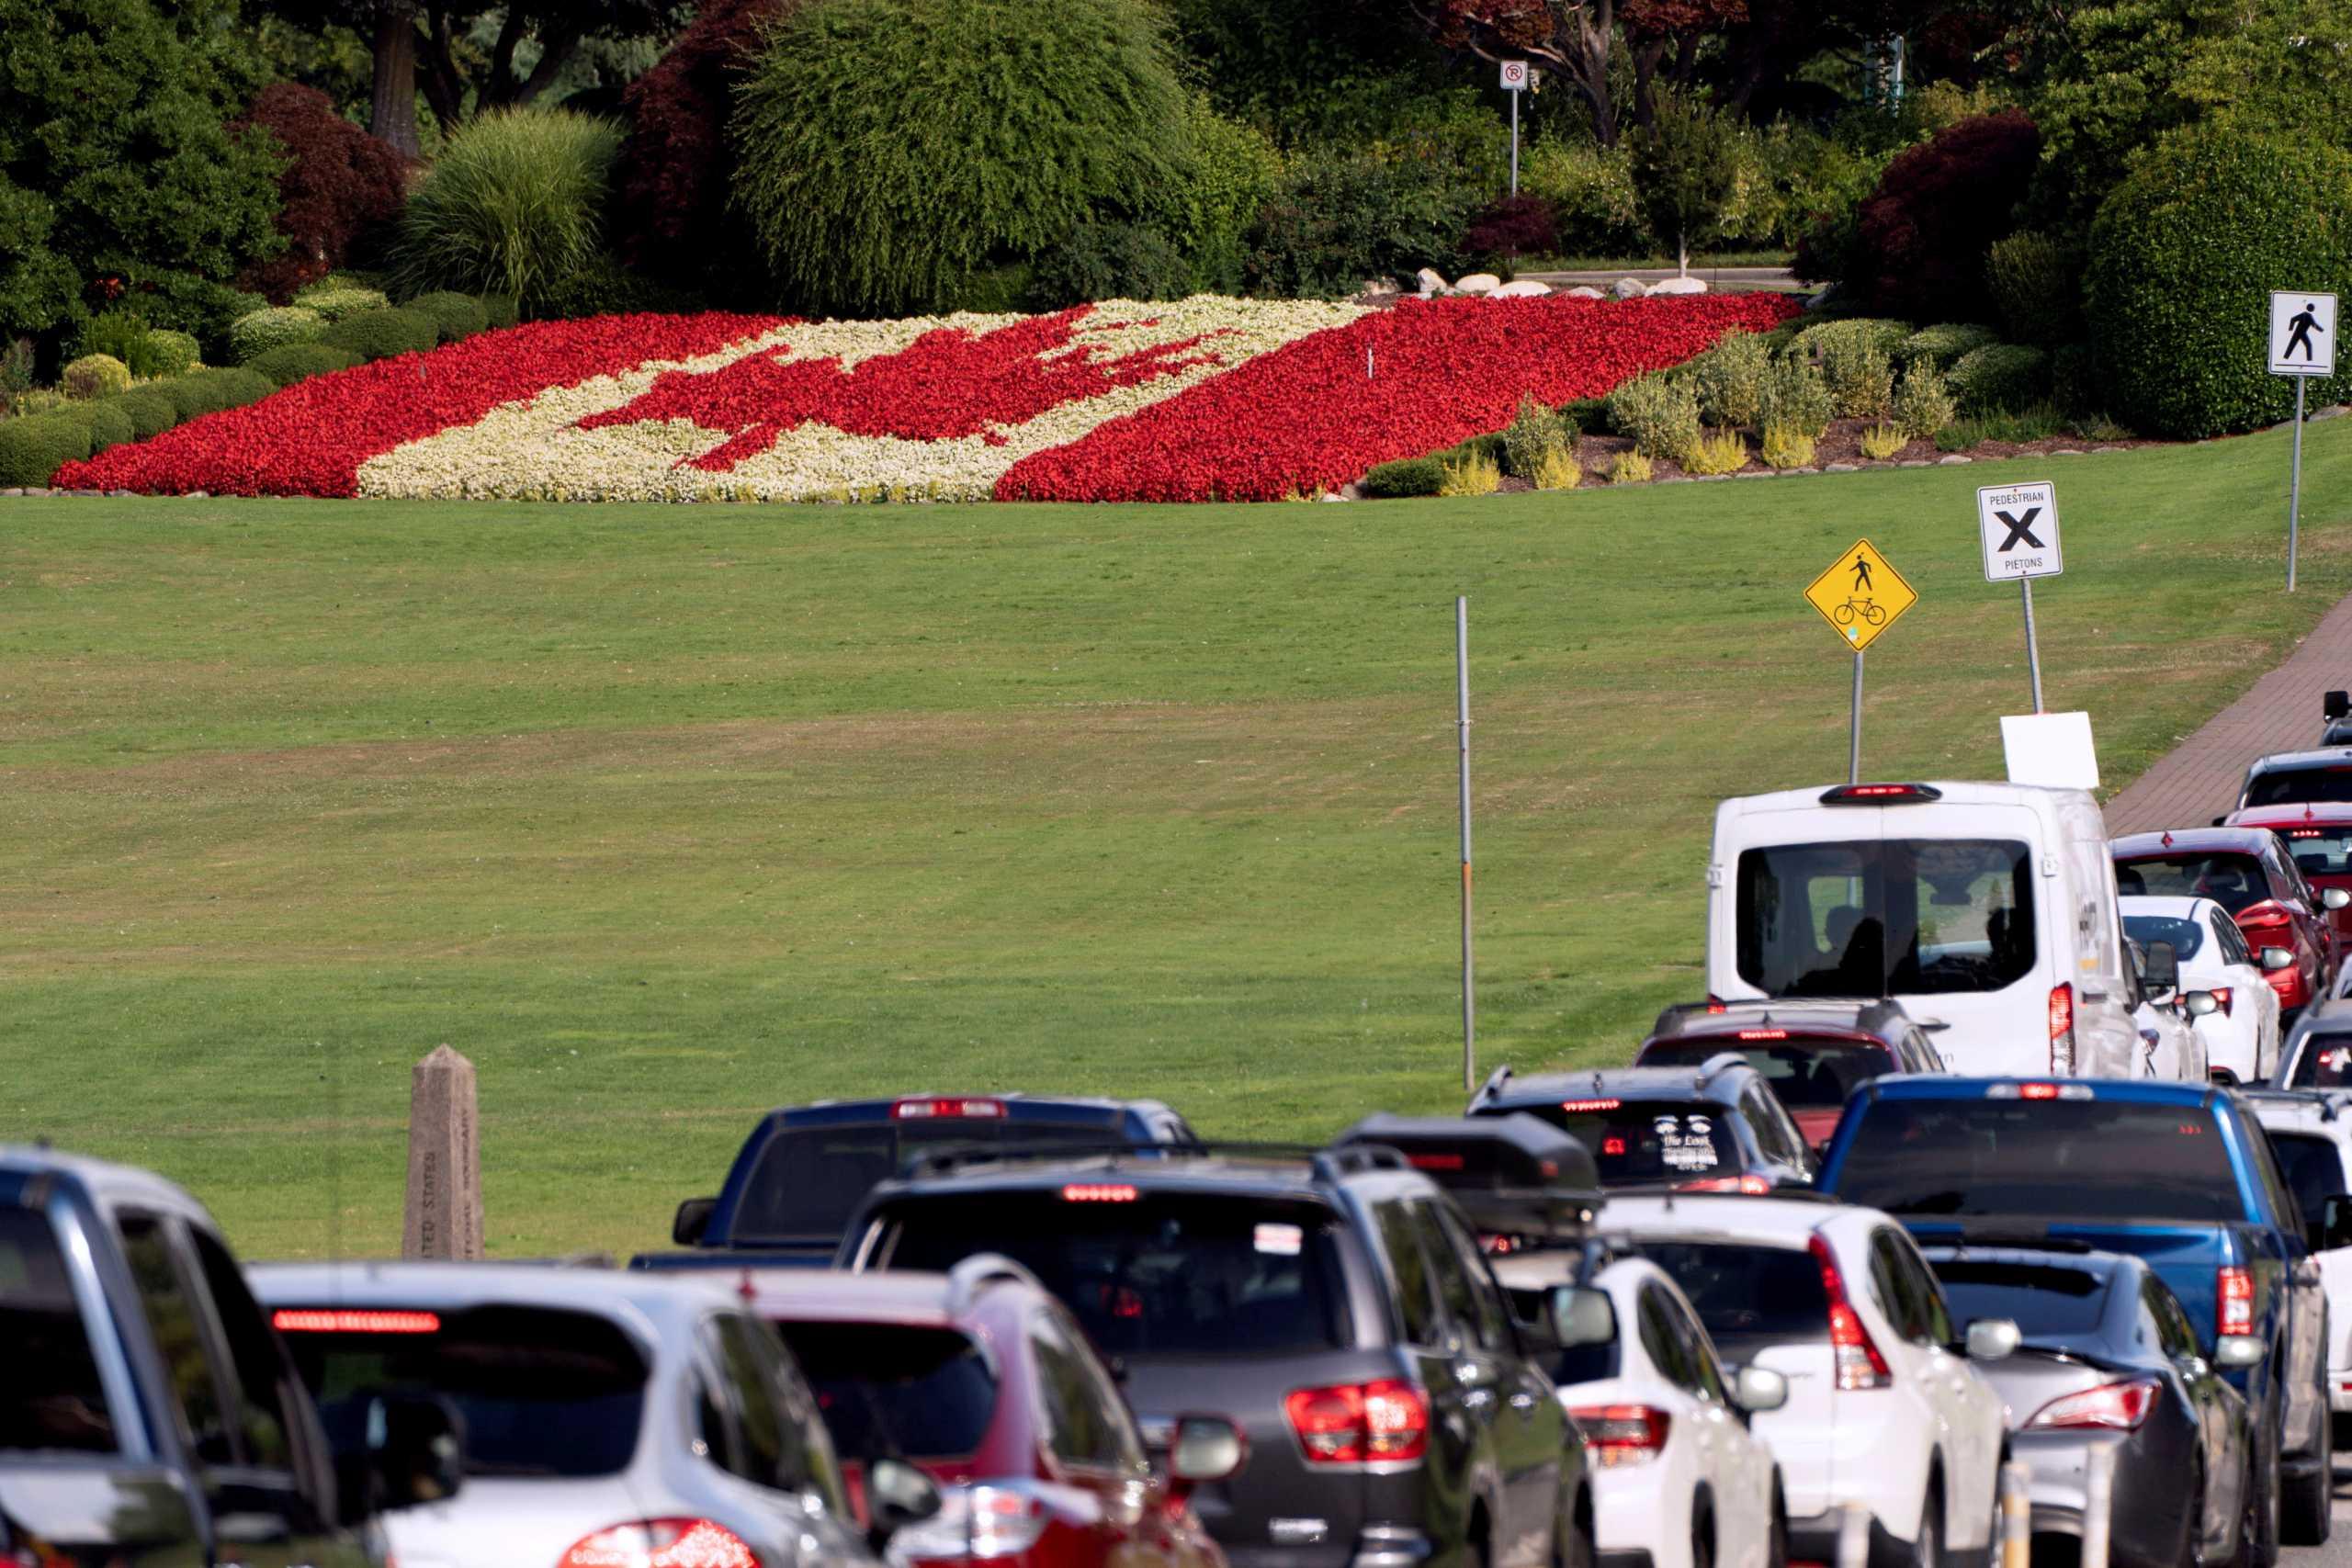 Κορονοϊός – ΗΠΑ: Αρχές Νοεμβρίου ανοίγουν τα χερσαία σύνορα με Μεξικό και Καναδά για πλήρως εμβολιασμένους